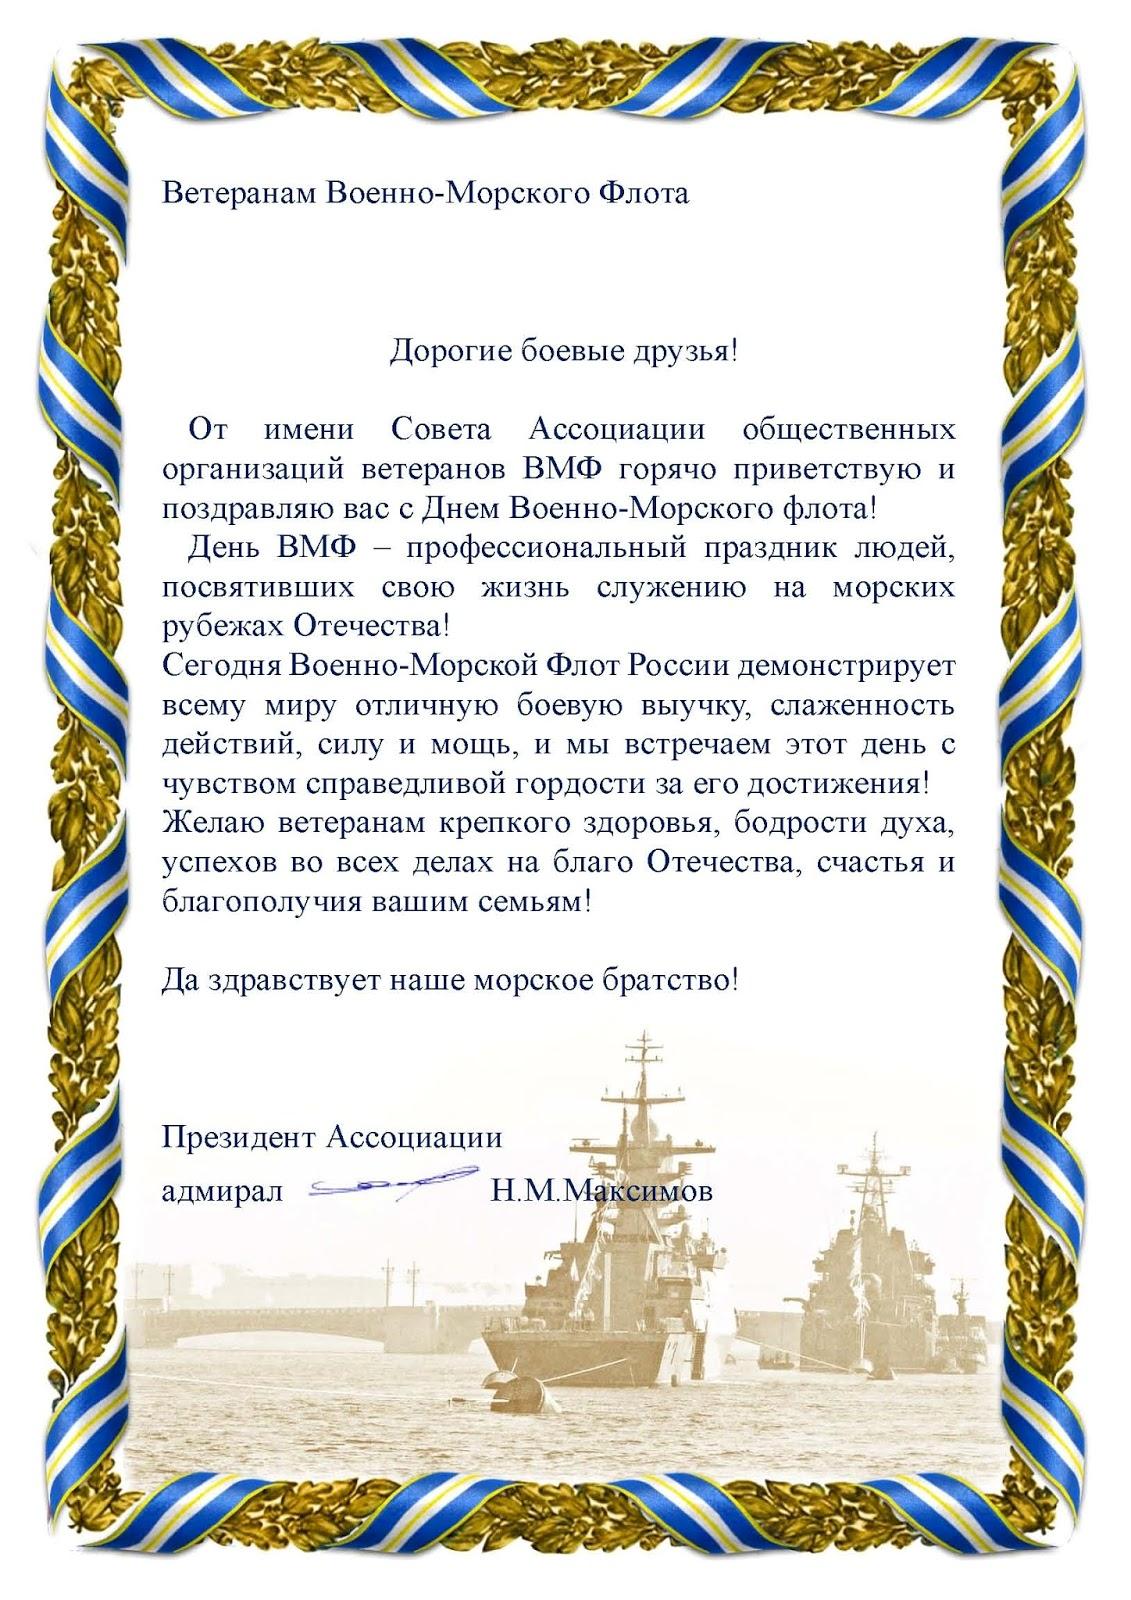 Днем военно-морского флота поздравление губернатора